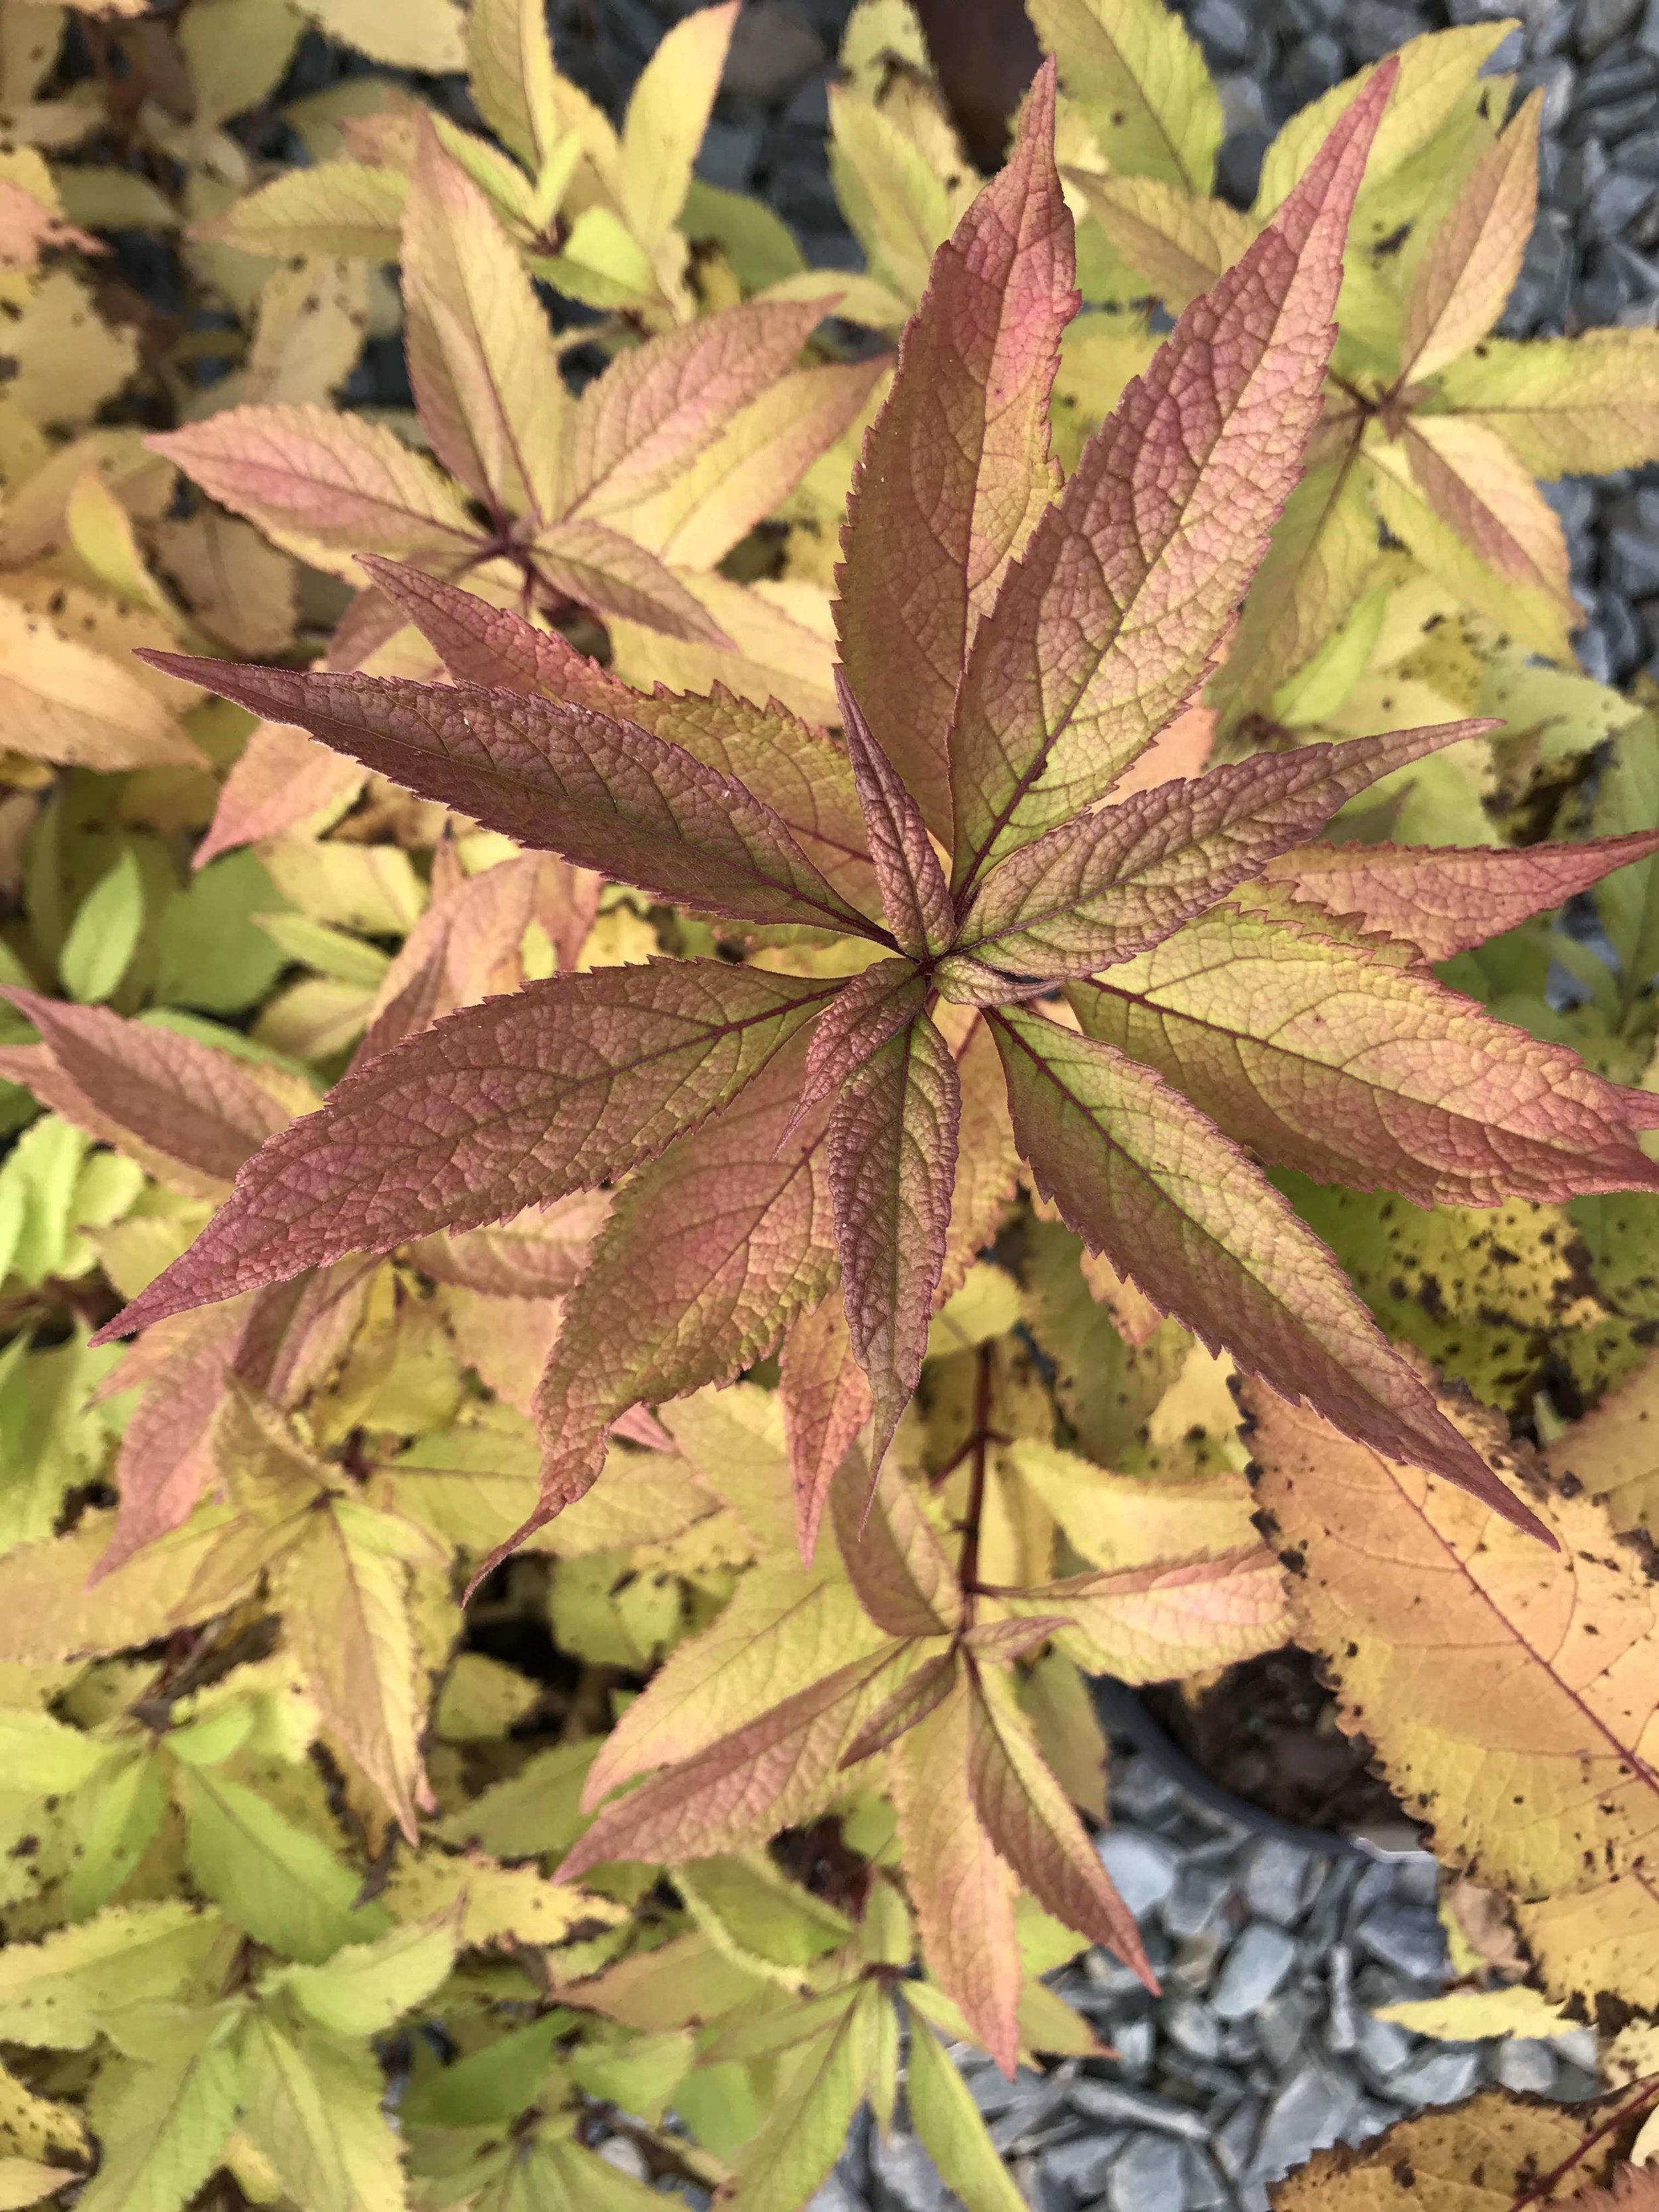 Eupatorium purpureum ssp. maculatum 'Gateway' 1g